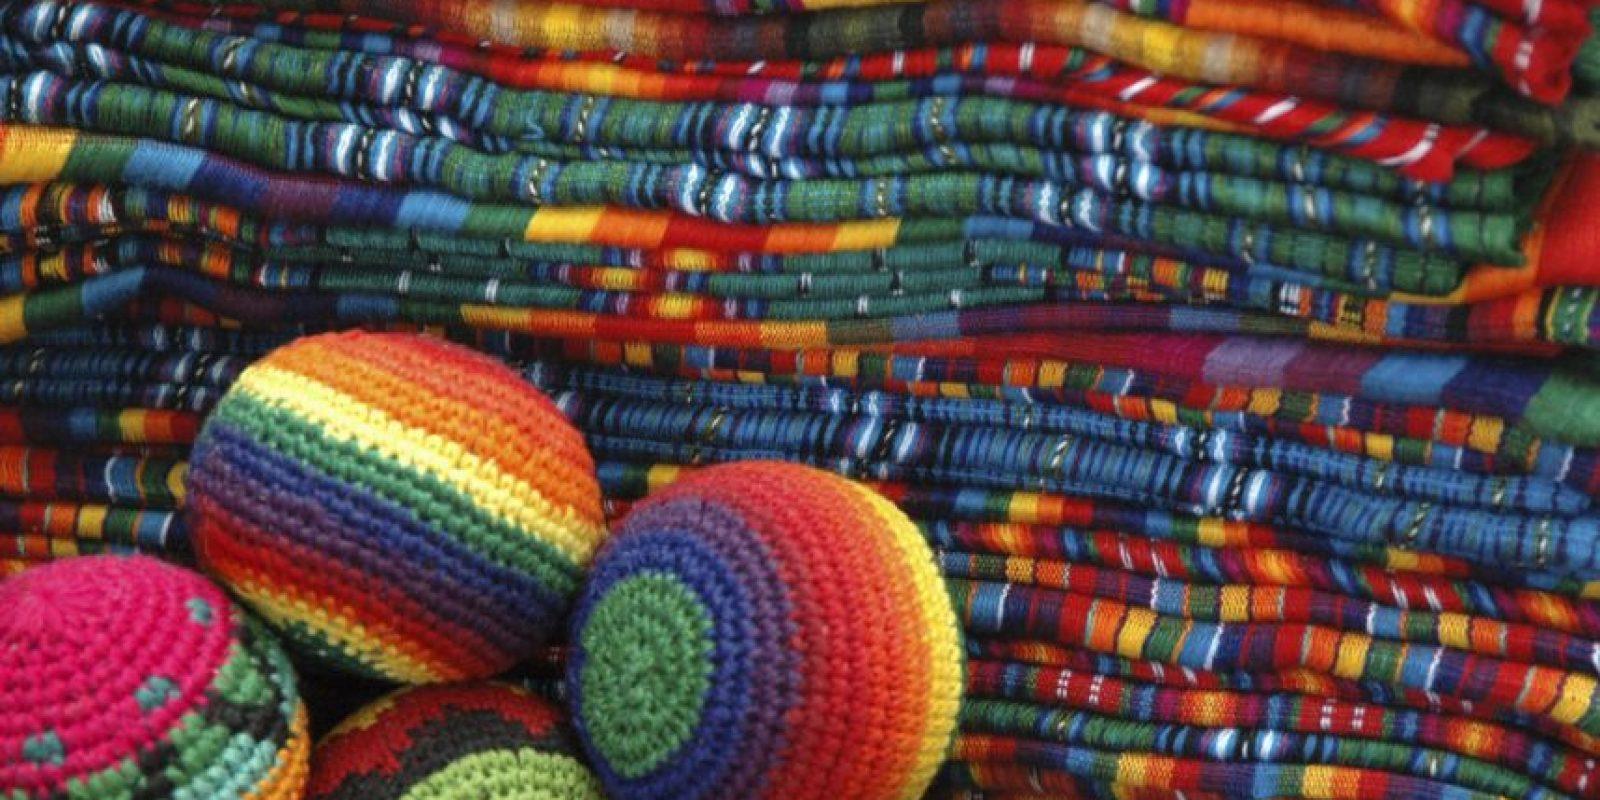 Dicen que sus textiles se llevan meses en hacer. ¡Qué perdida de tiempo! Foto:http://www.buzzfeed.com